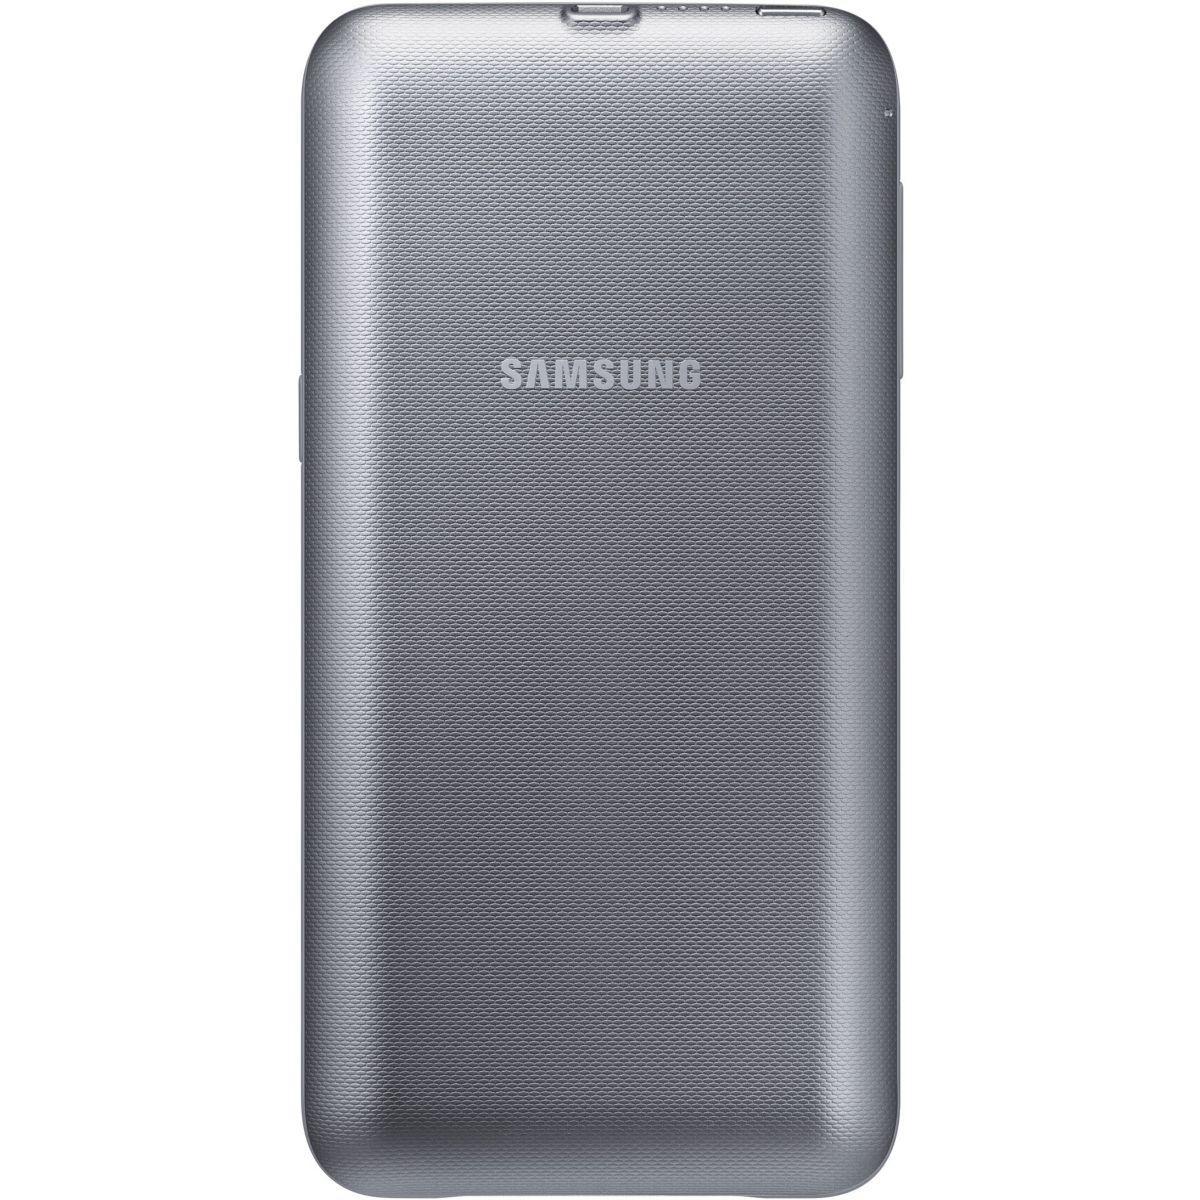 Batterie externe samsung � induction argent 3400ma design s6edge+ - 20% de remise imm�diate avec le code : deal20 (photo)